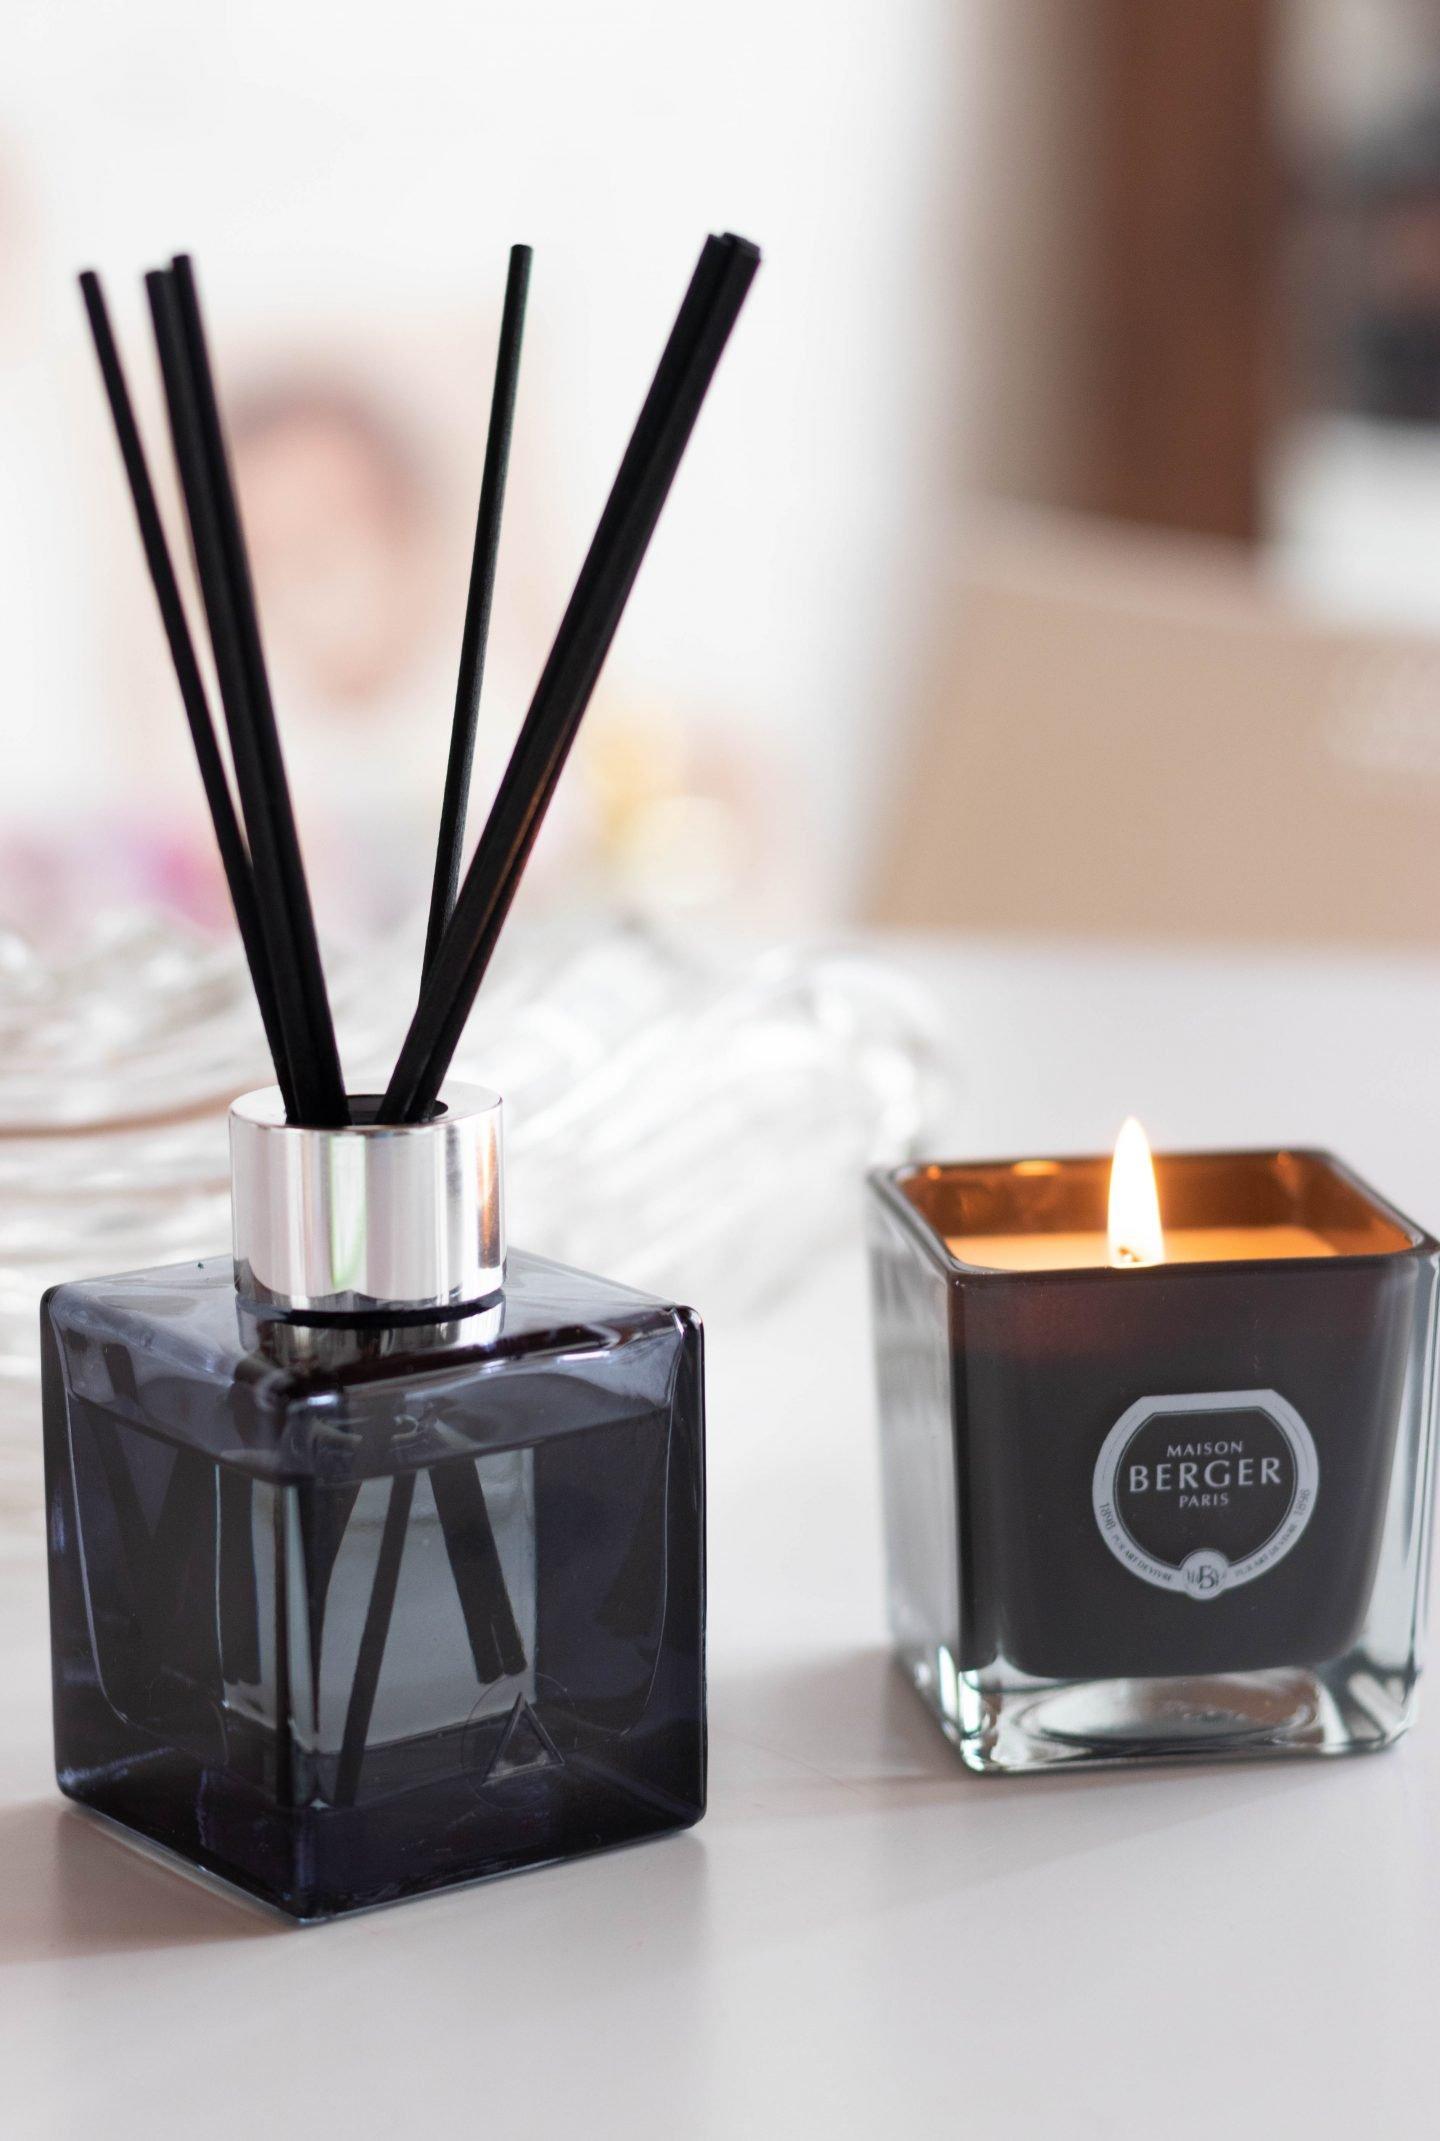 Maison Berger Paris |Geurstokjes en Geur kaarsen